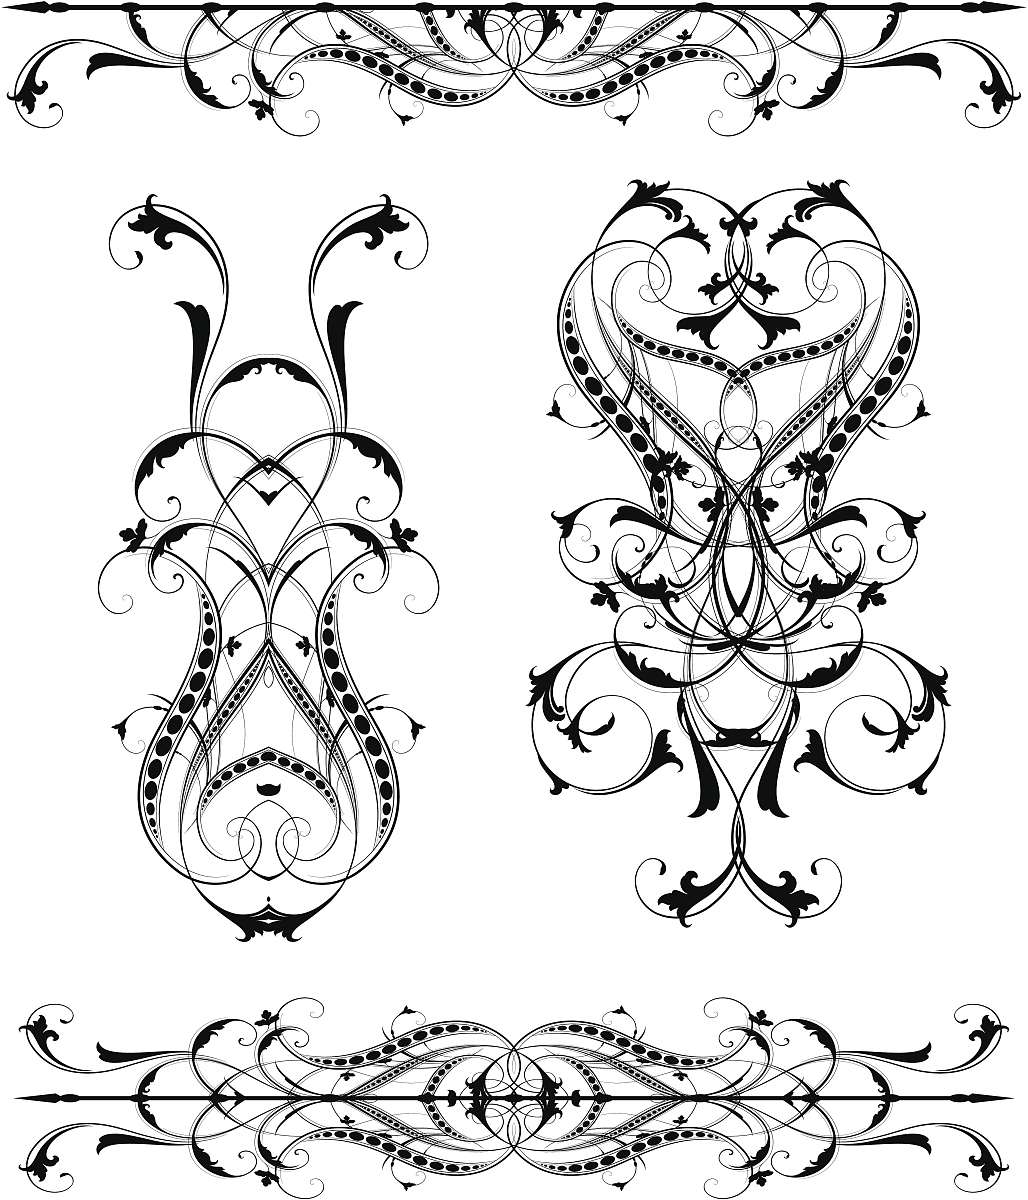 美,对称,华丽的,雕刻图像,花纹,矢量,阿拉伯风格,花形图案装饰,花体图片